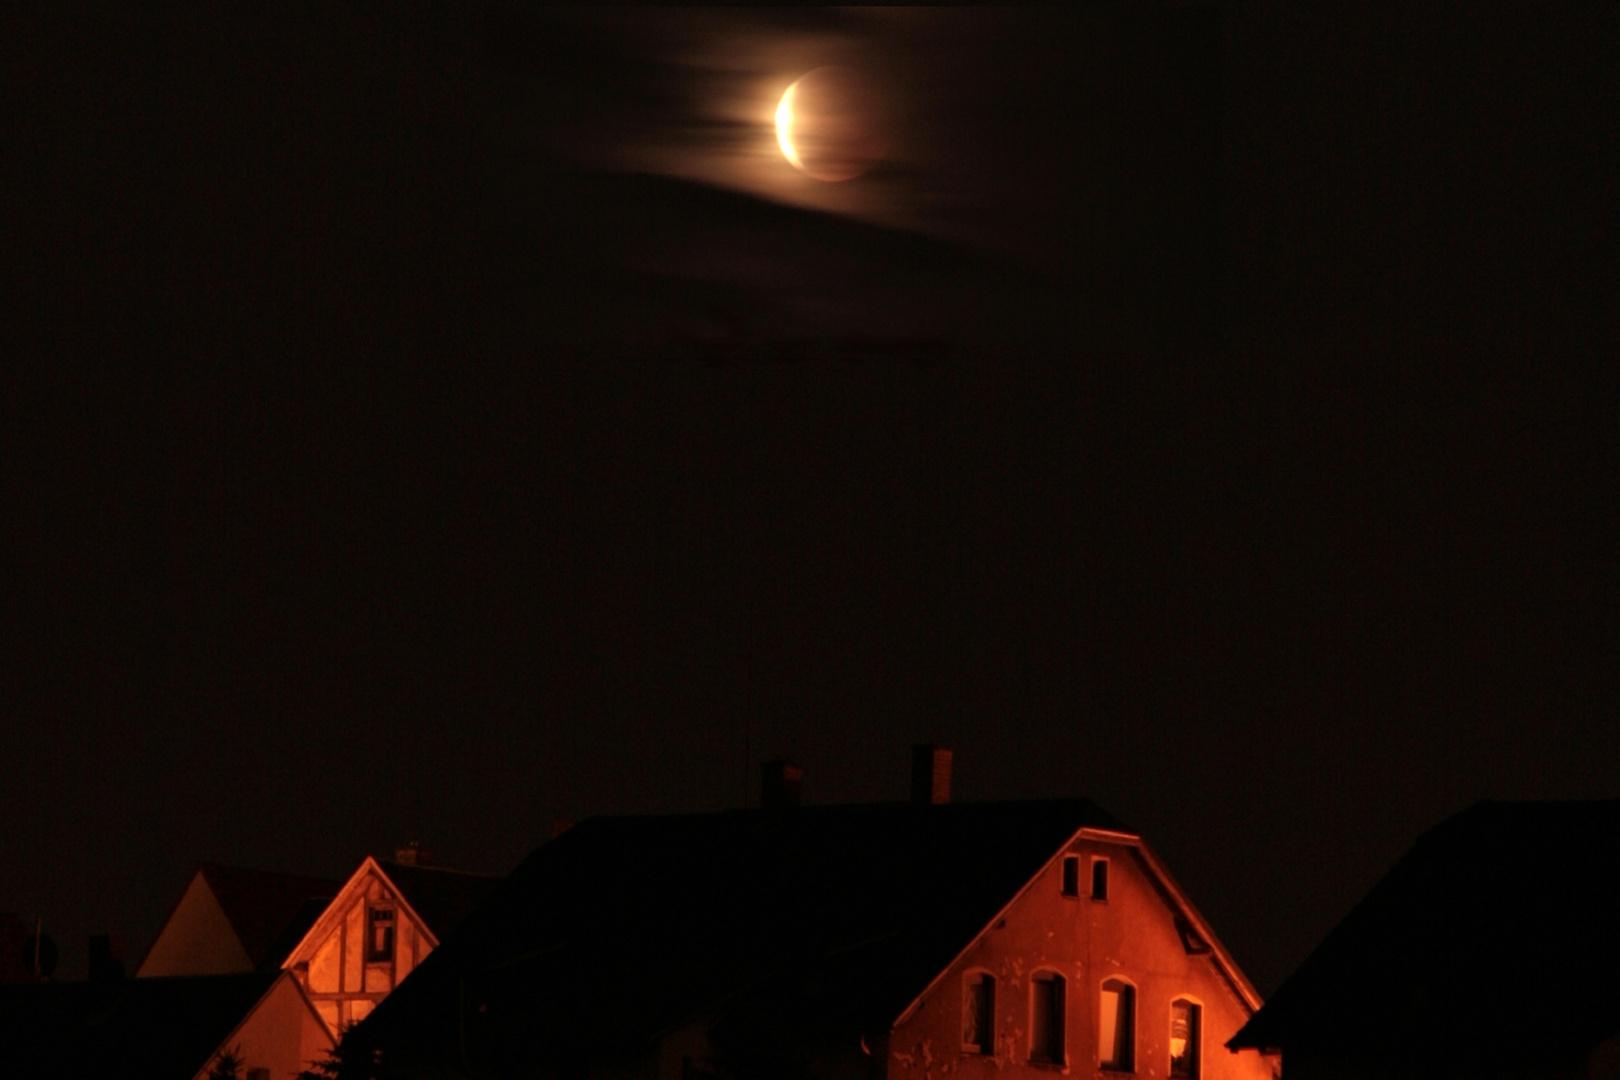 Mondfinsternis am 15. Juni 2011